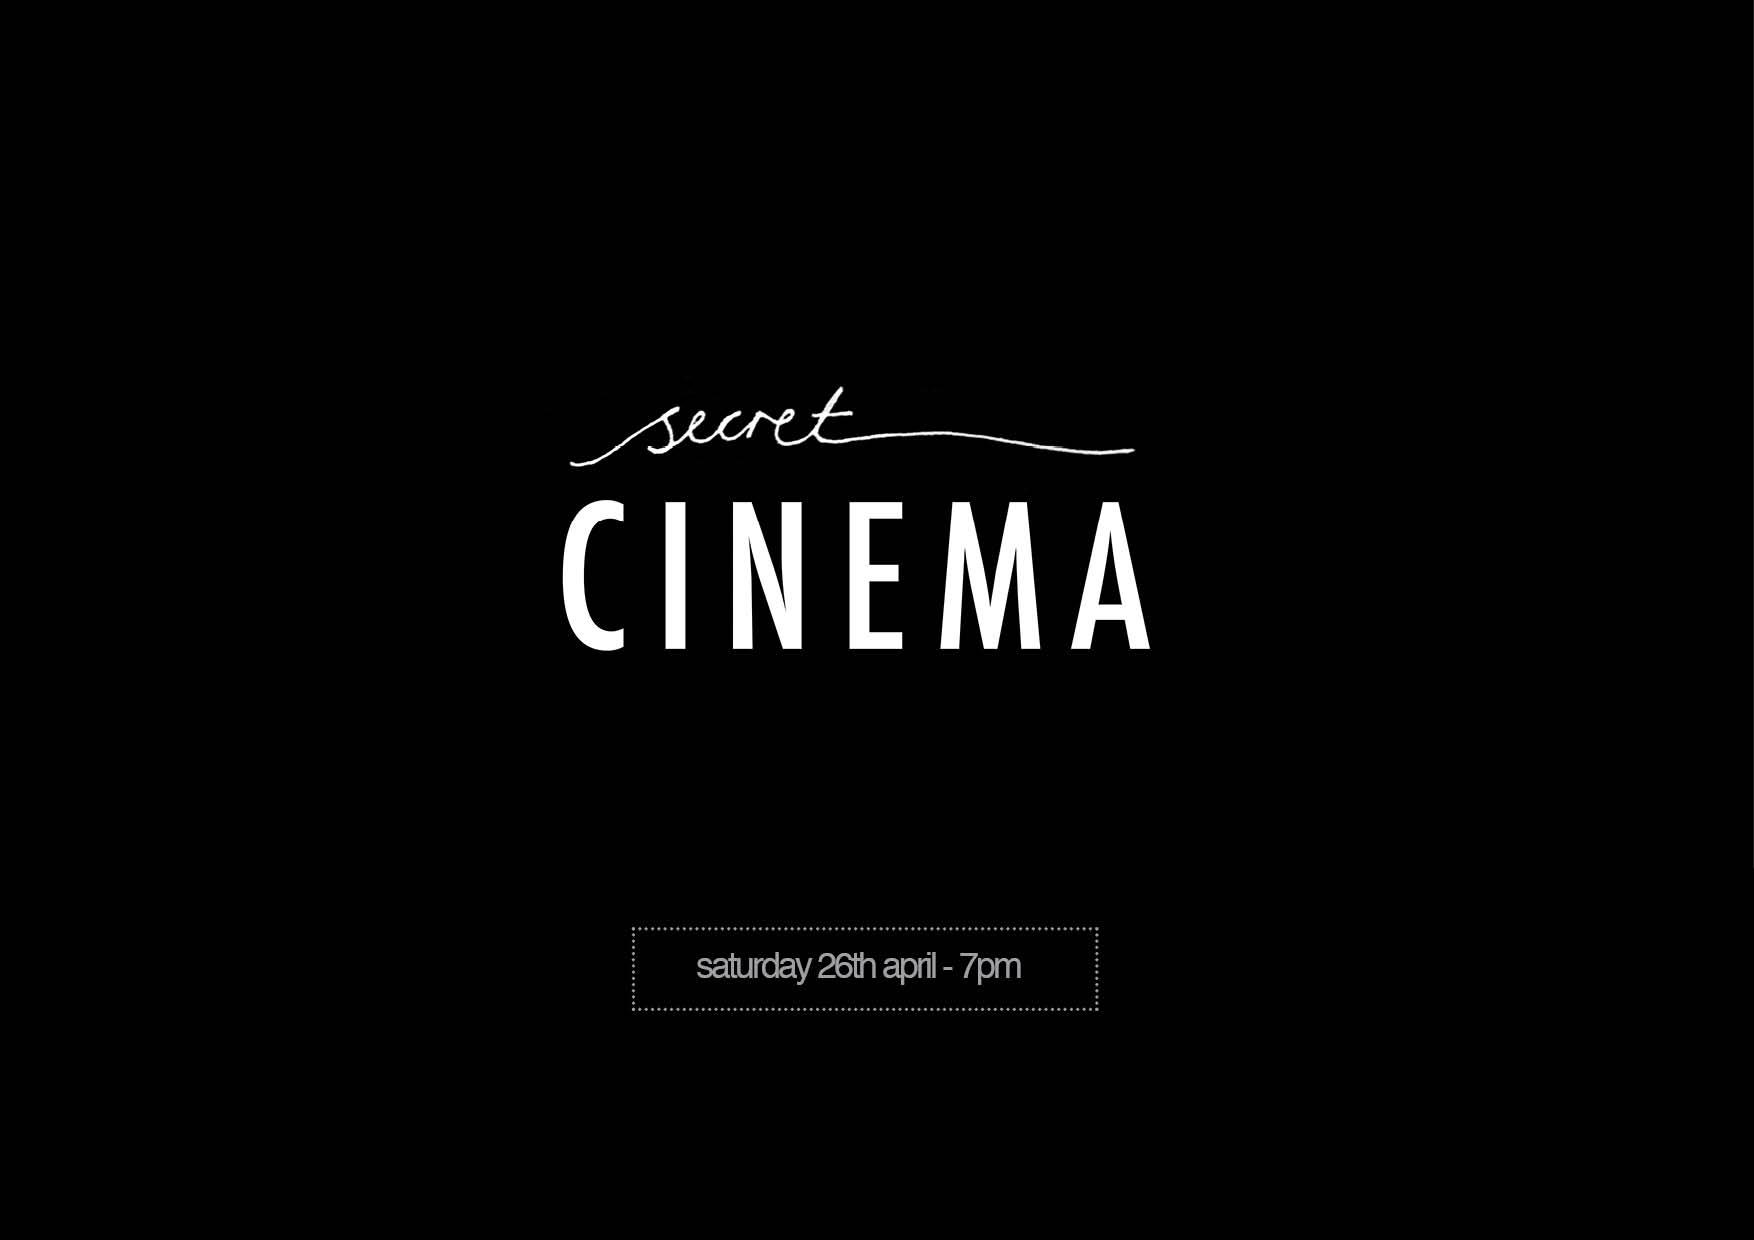 Secret Cinema 26 April 02.jpg